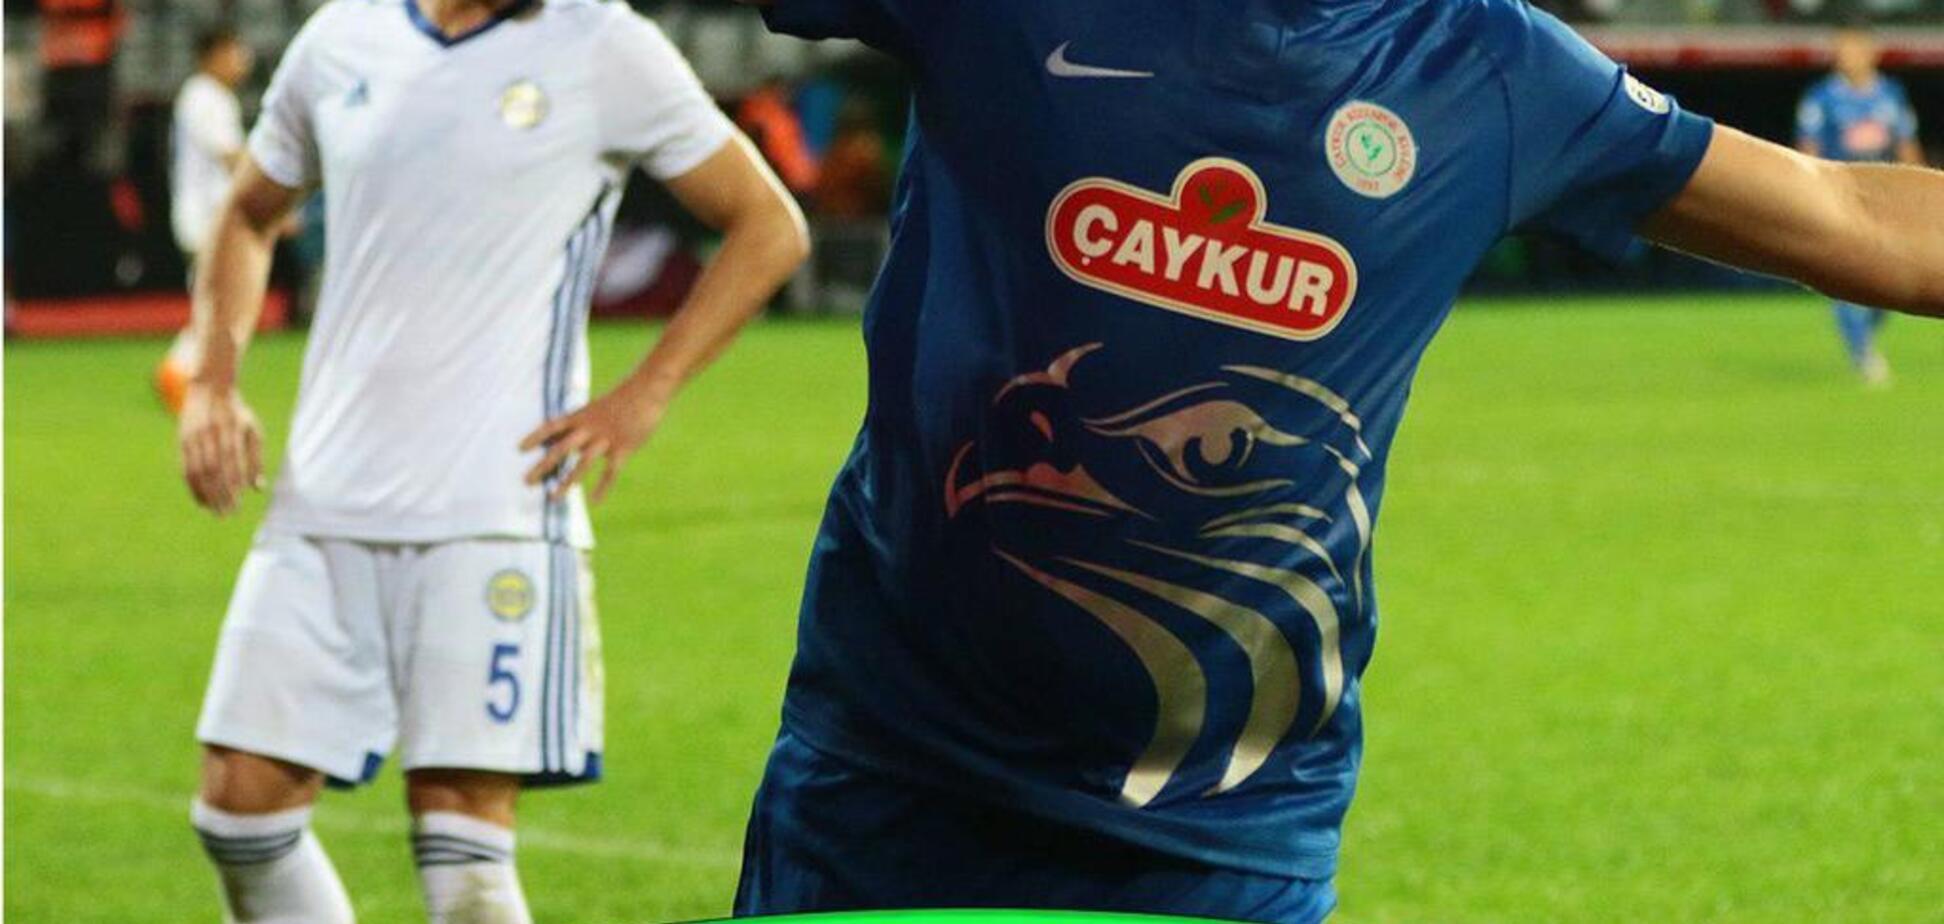 Победный дубль: экс-футболист сборной Украины произвел фурор в Турции